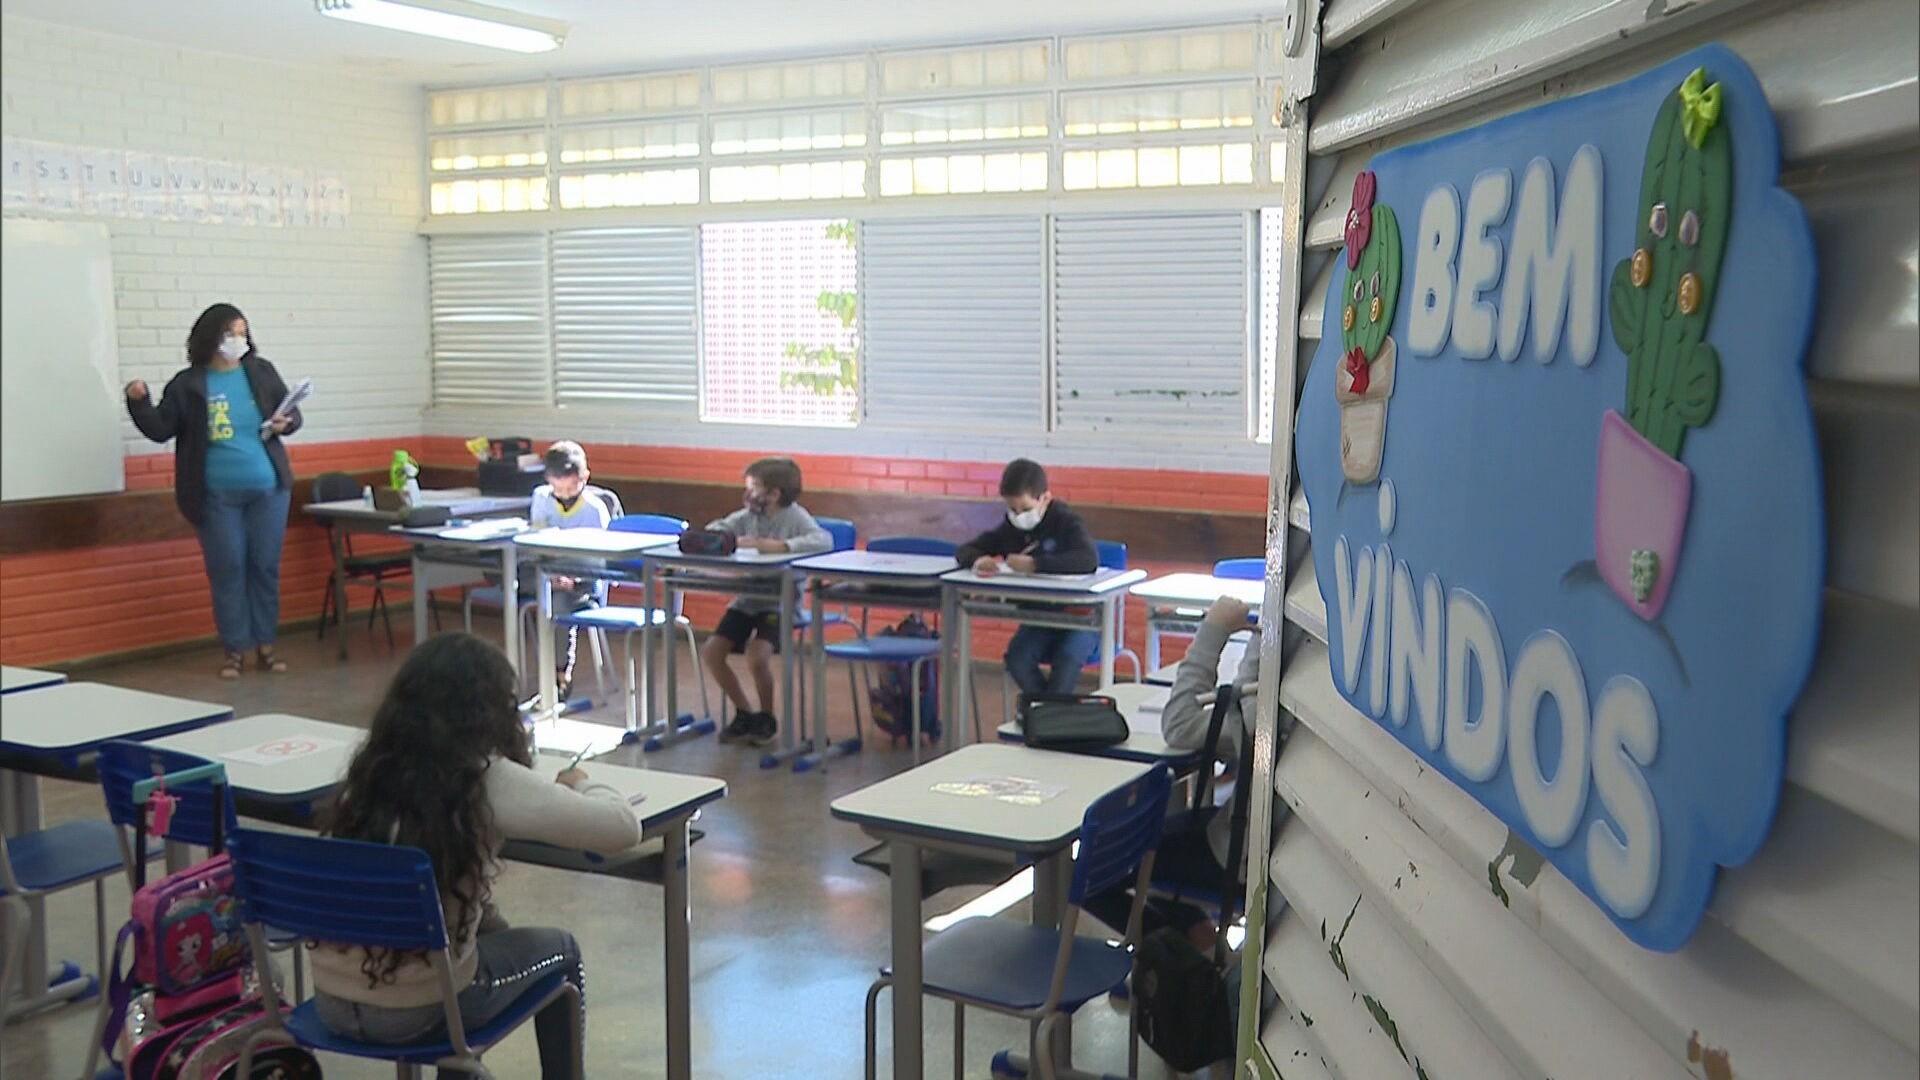 Prazo para fazer pré-matrícula de novos alunos na rede pública do DF termina neste domingo